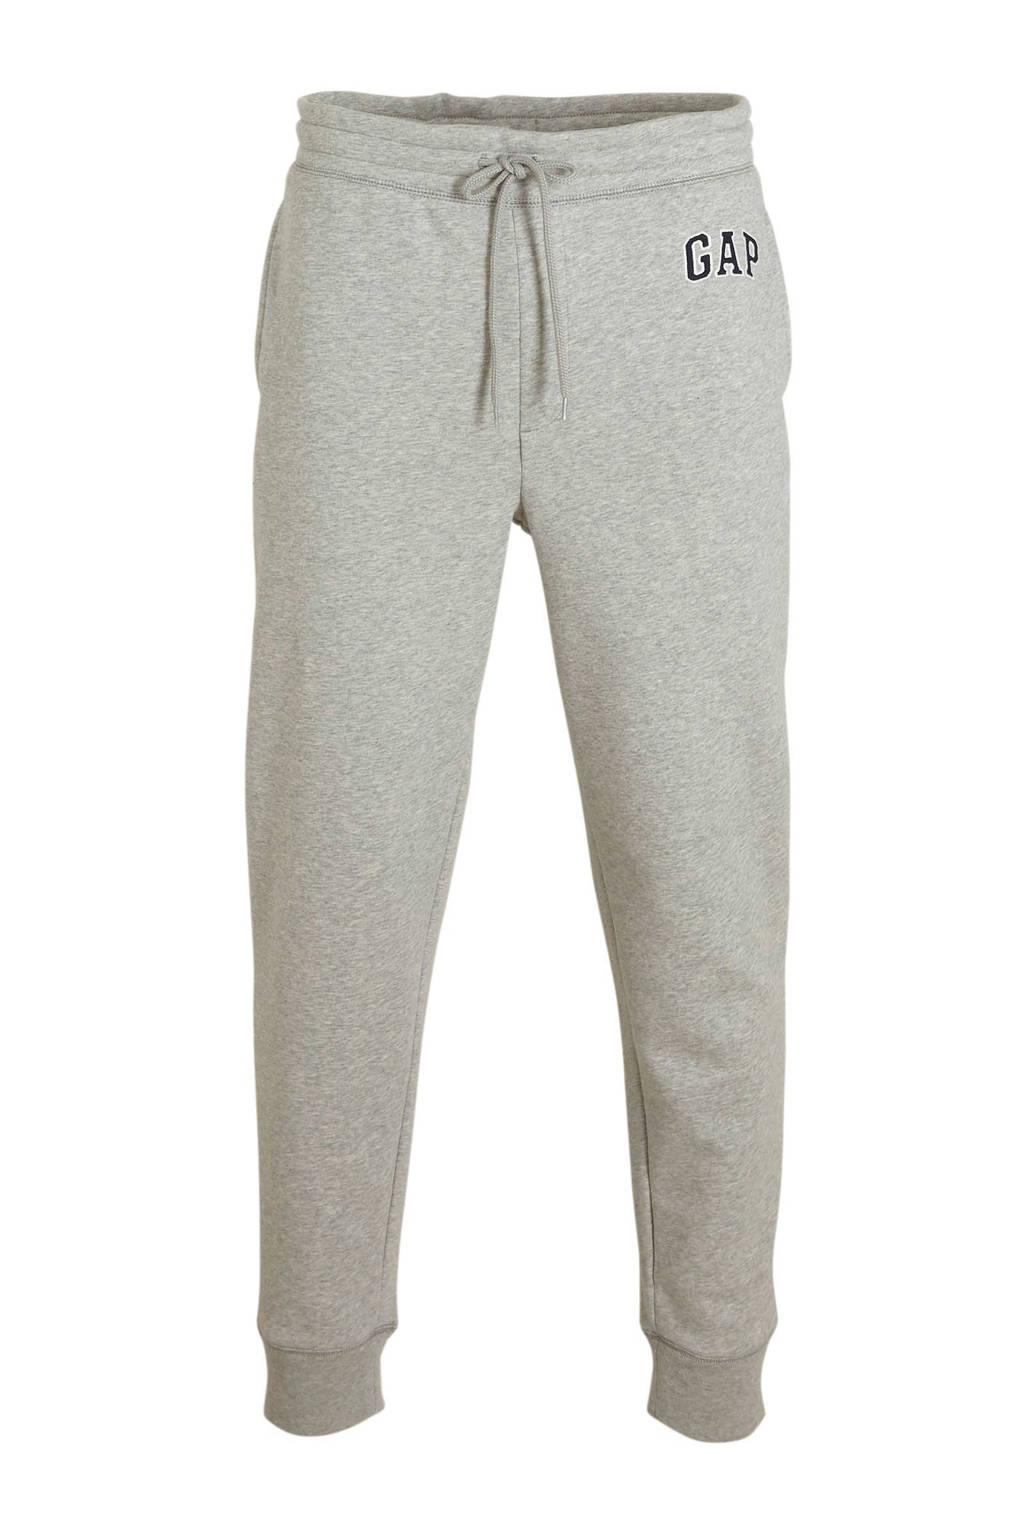 GAP regular fit joggingbroek met logo grijs, Grijs melange